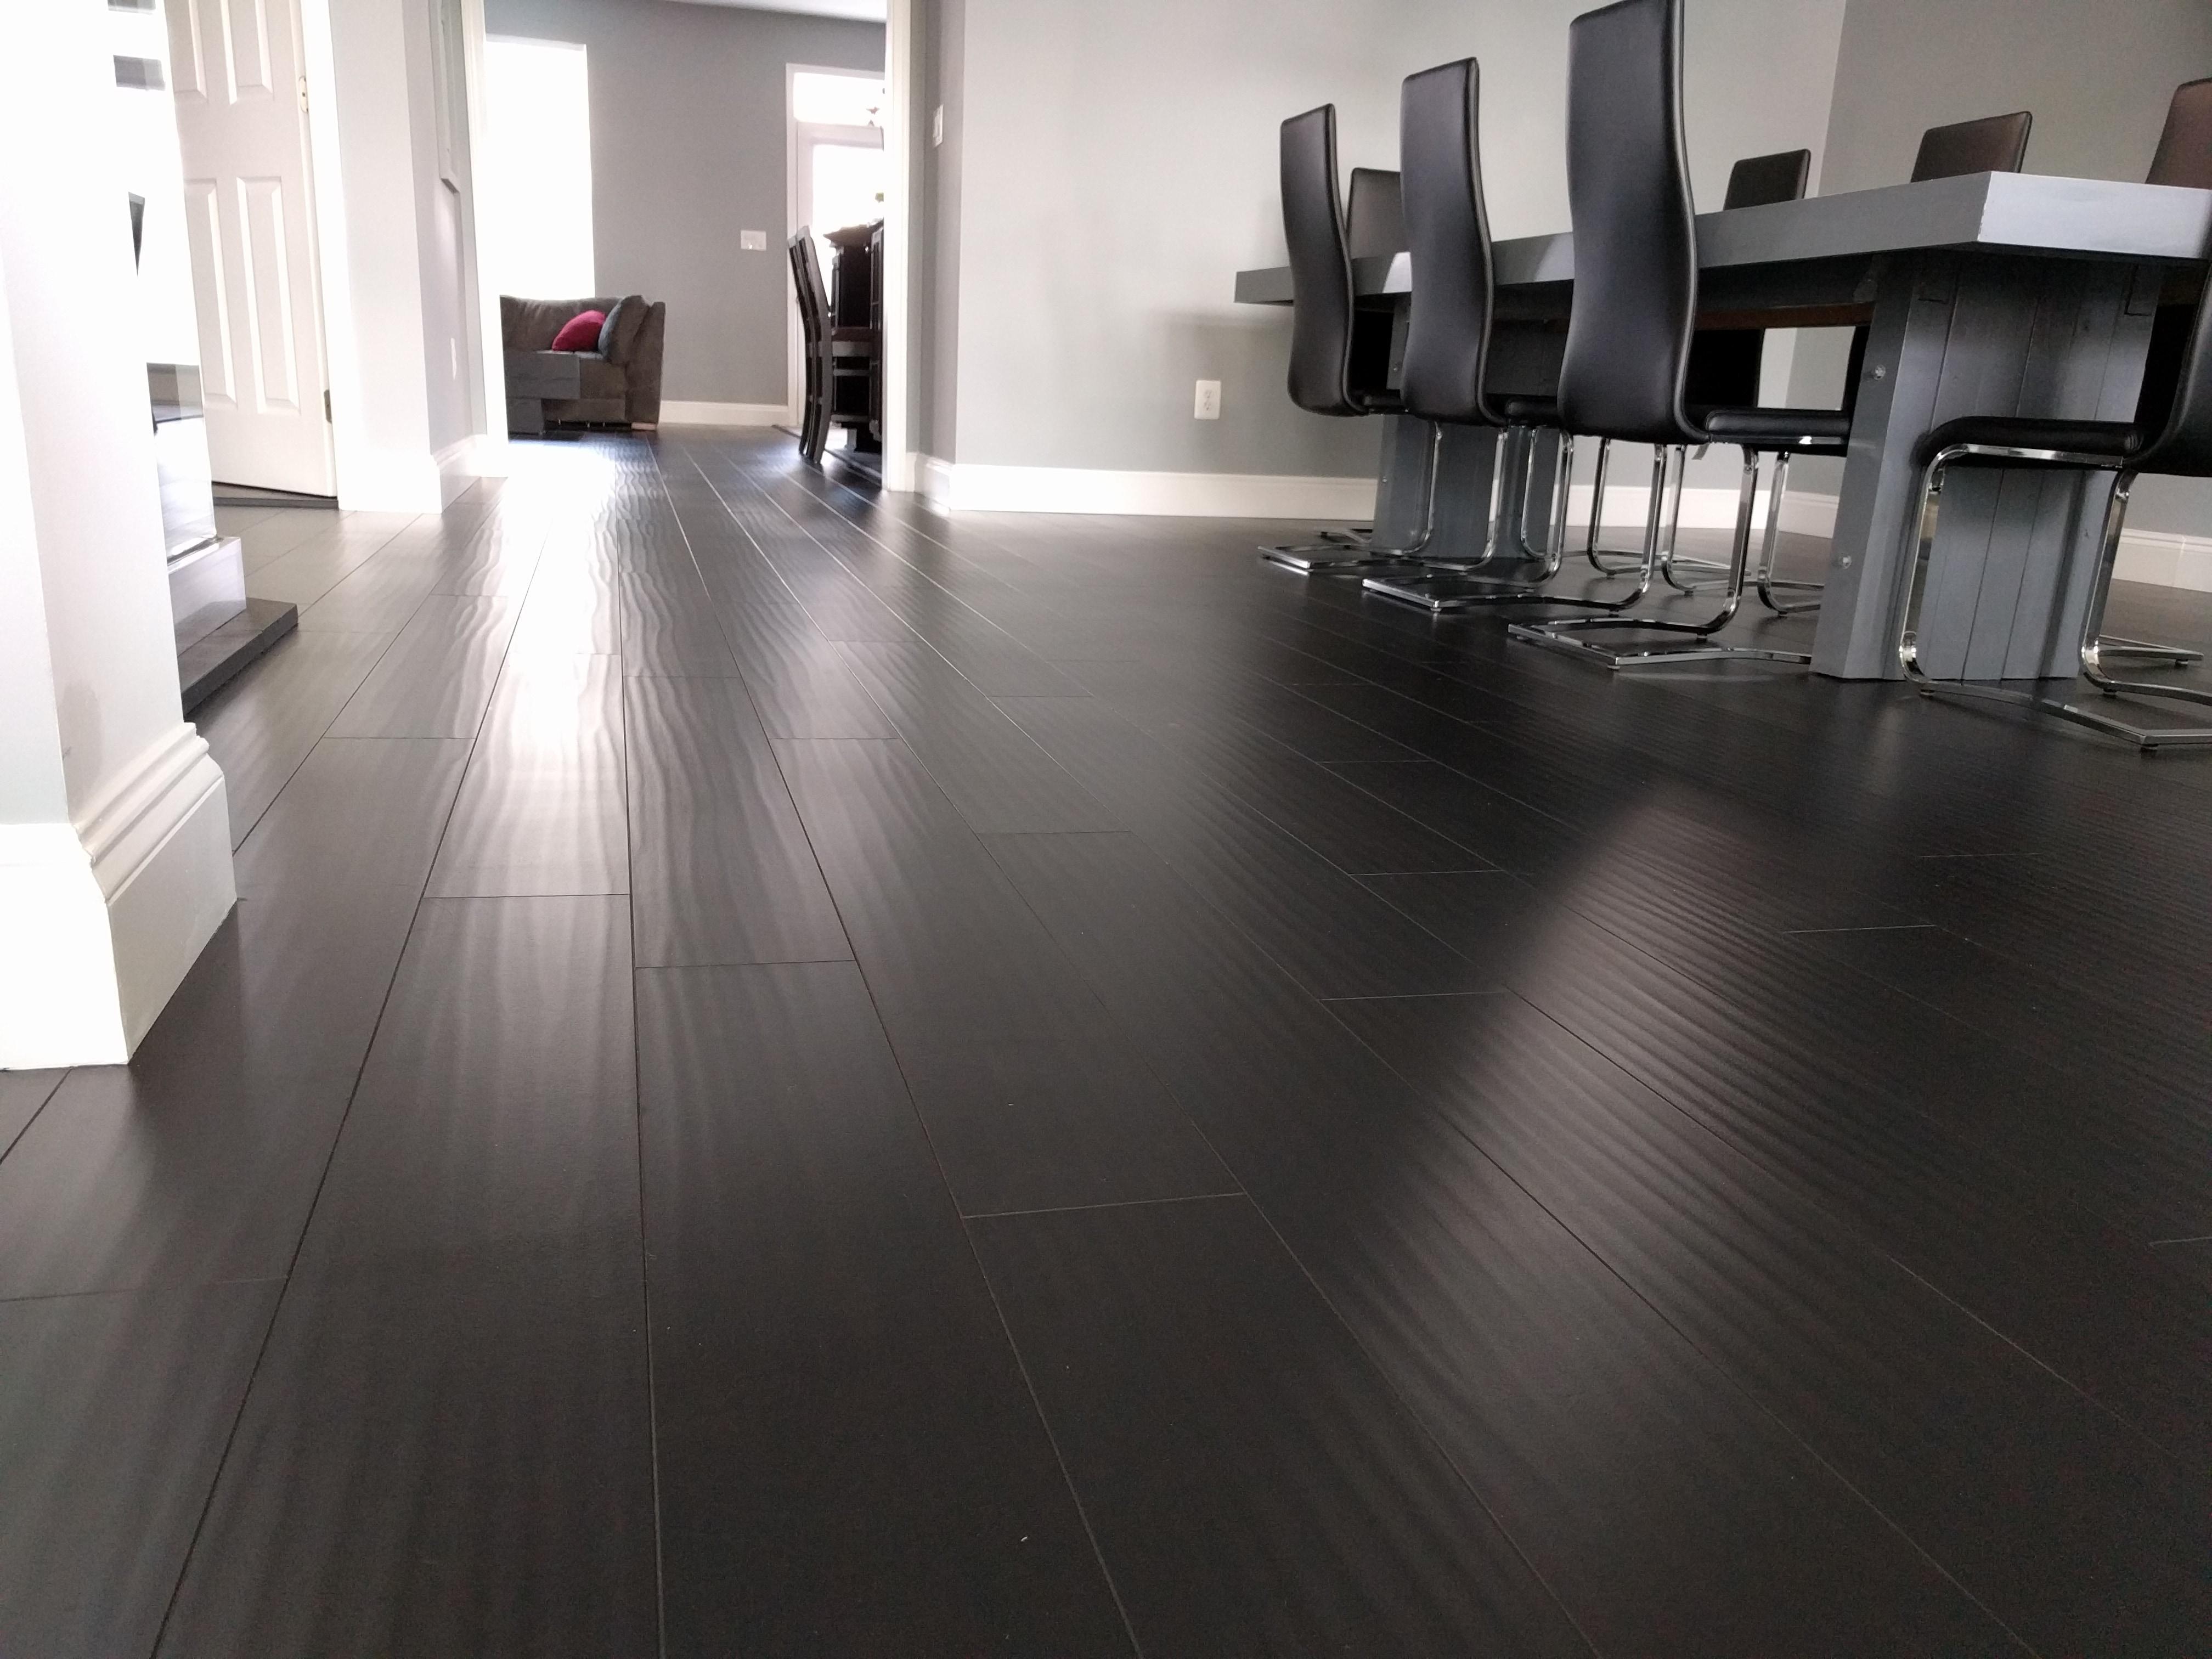 floors newtown thick engineered granite laminate info mullican of plank woodme hardwood wood wide oak flooring